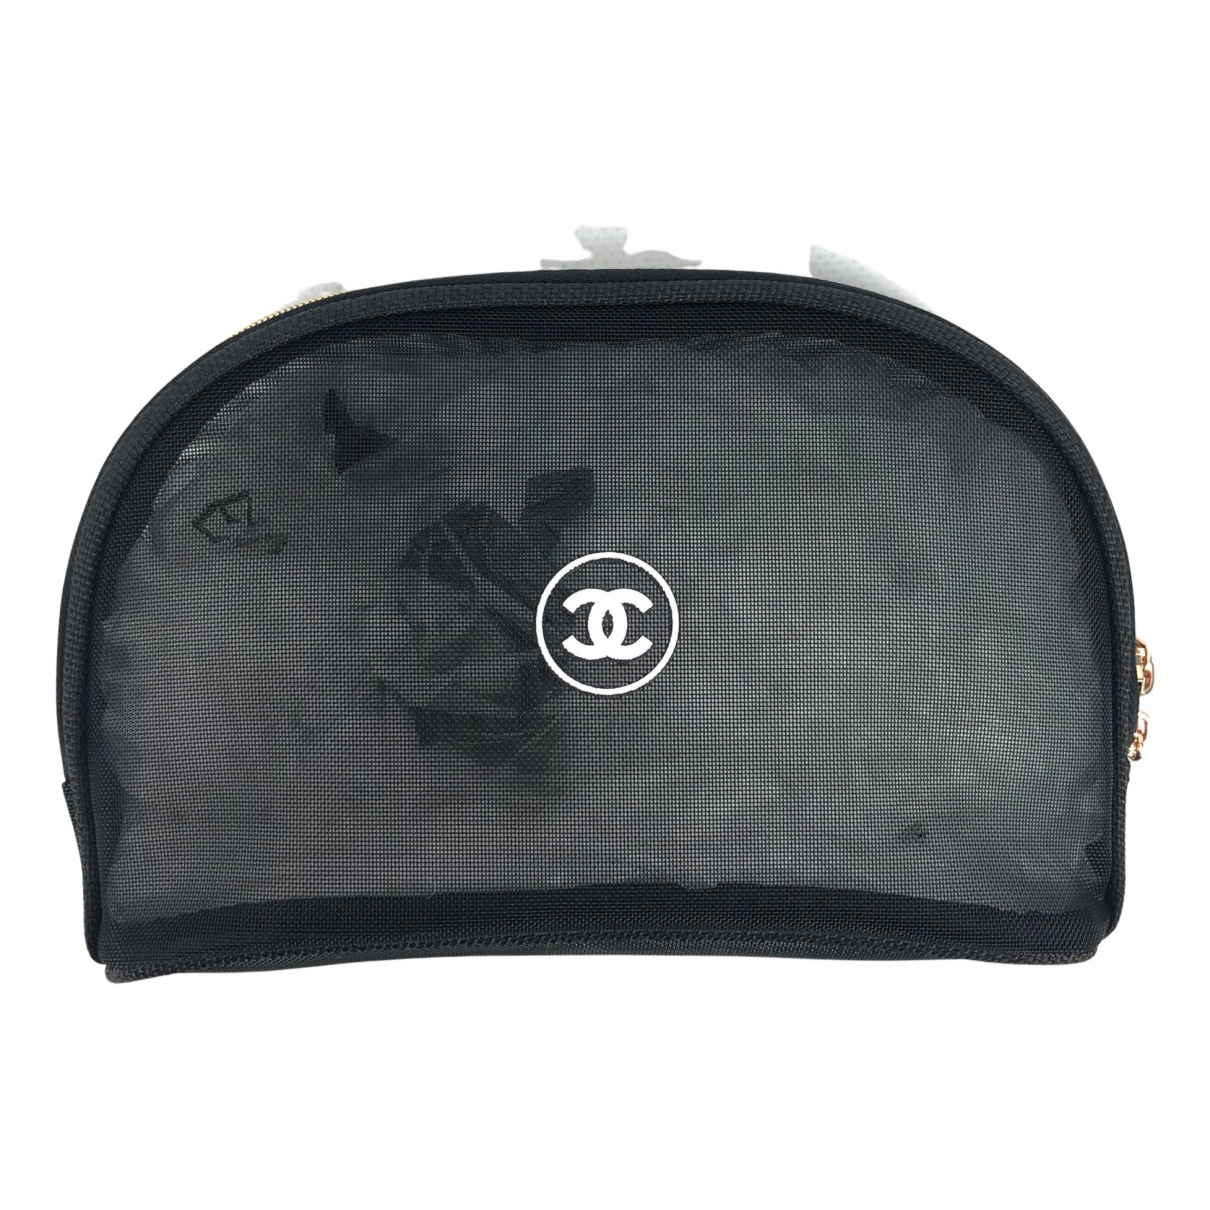 Chanel \N Reisetasche in  Schwarz Synthetik